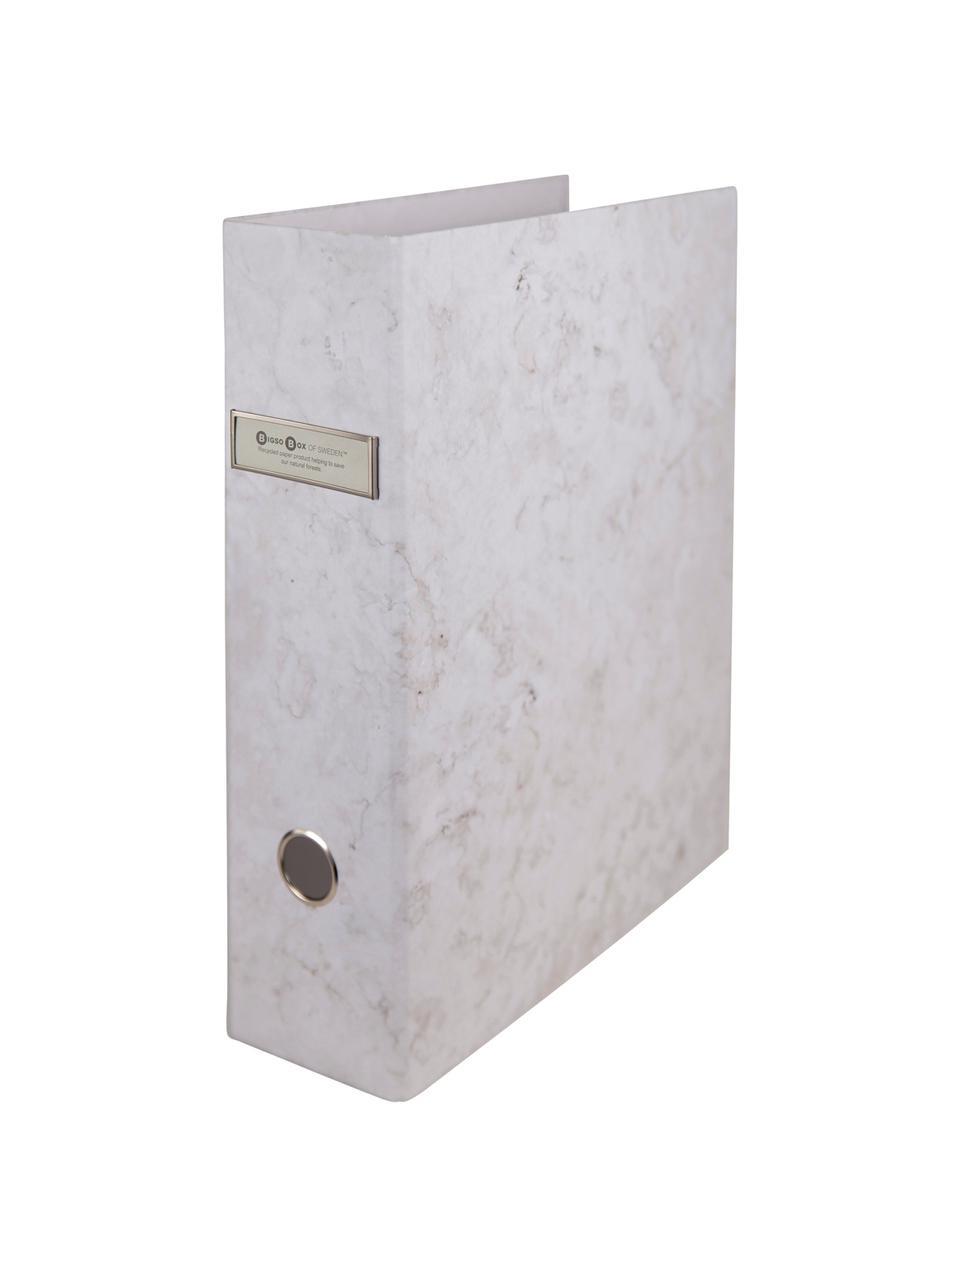 Dokumentenordner Archie, 2Stück, Weiß, marmoriert, 29 x 32 cm